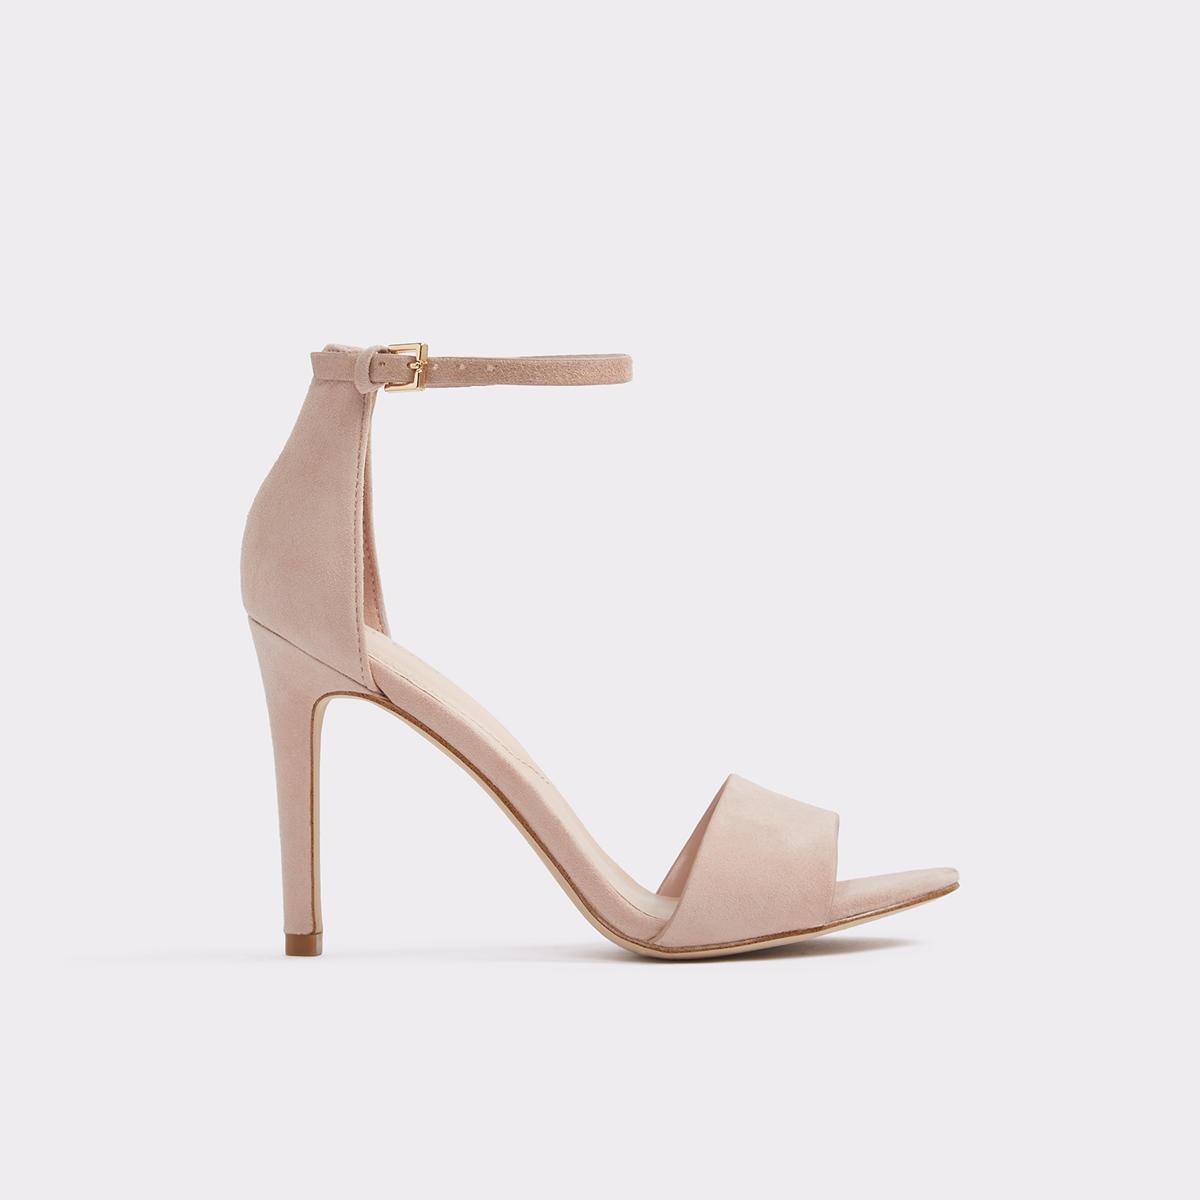 0f7e9c1edf1 Fiolla  Bone Misc. Women s Open-toe heels